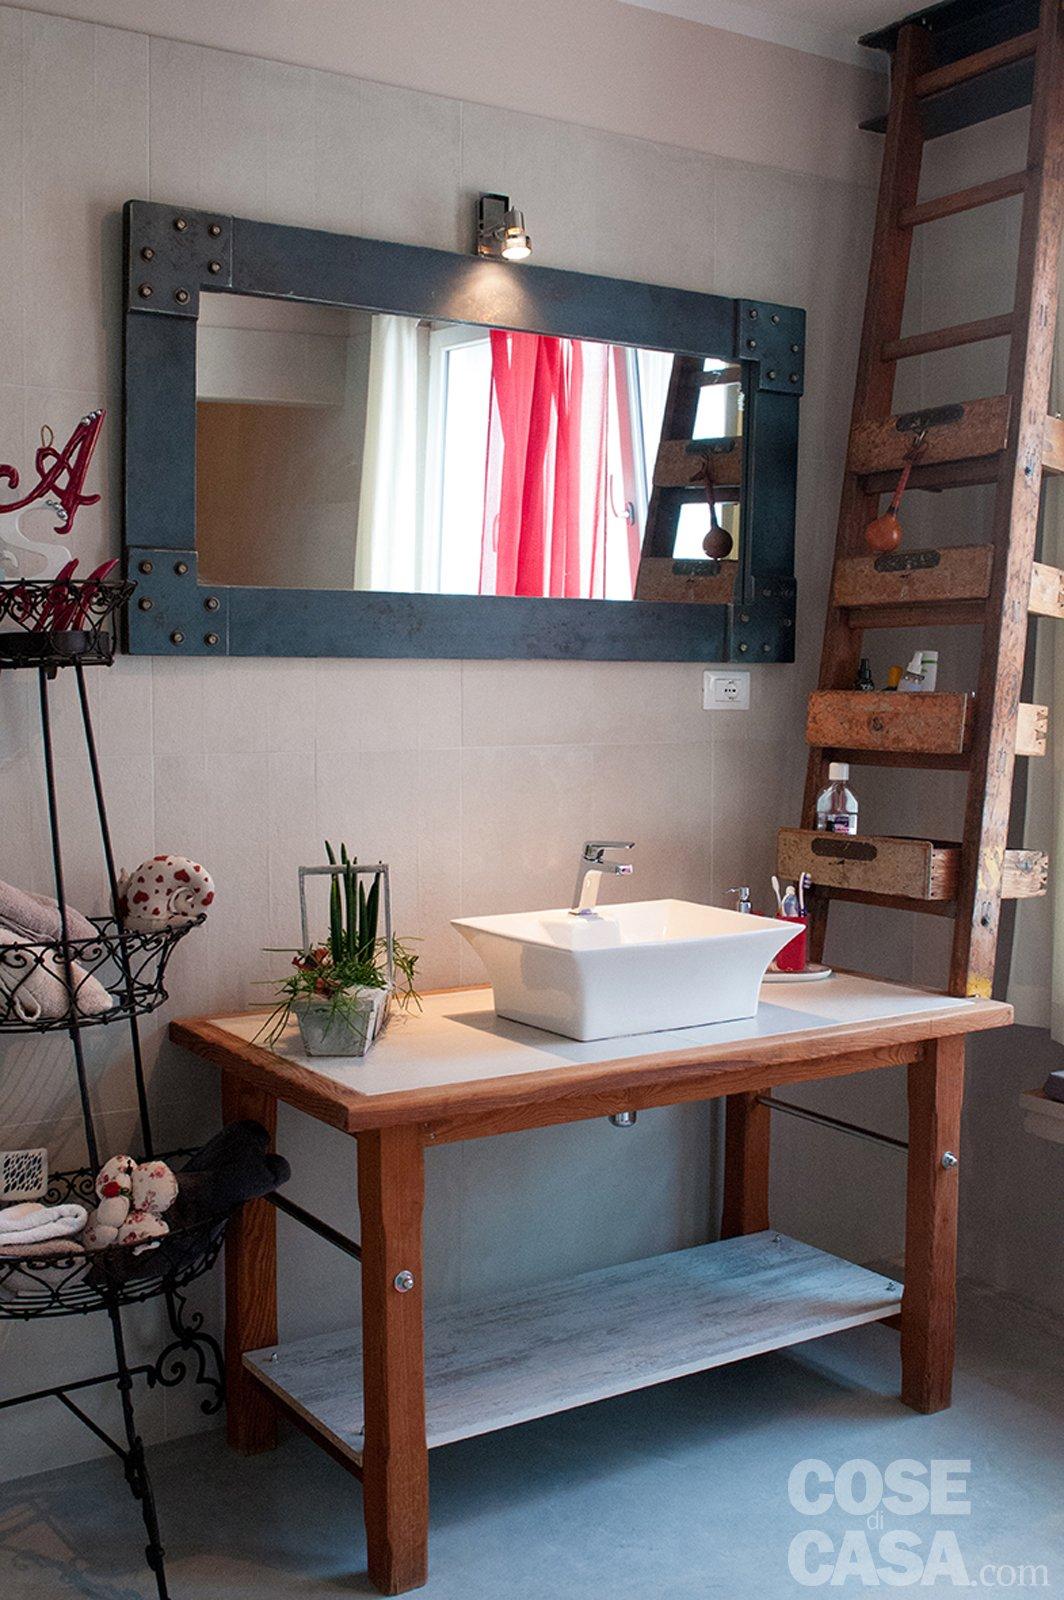 Da vecchio laboratorio a casa con atmosfere da loft - Costruire mobile bagno ...